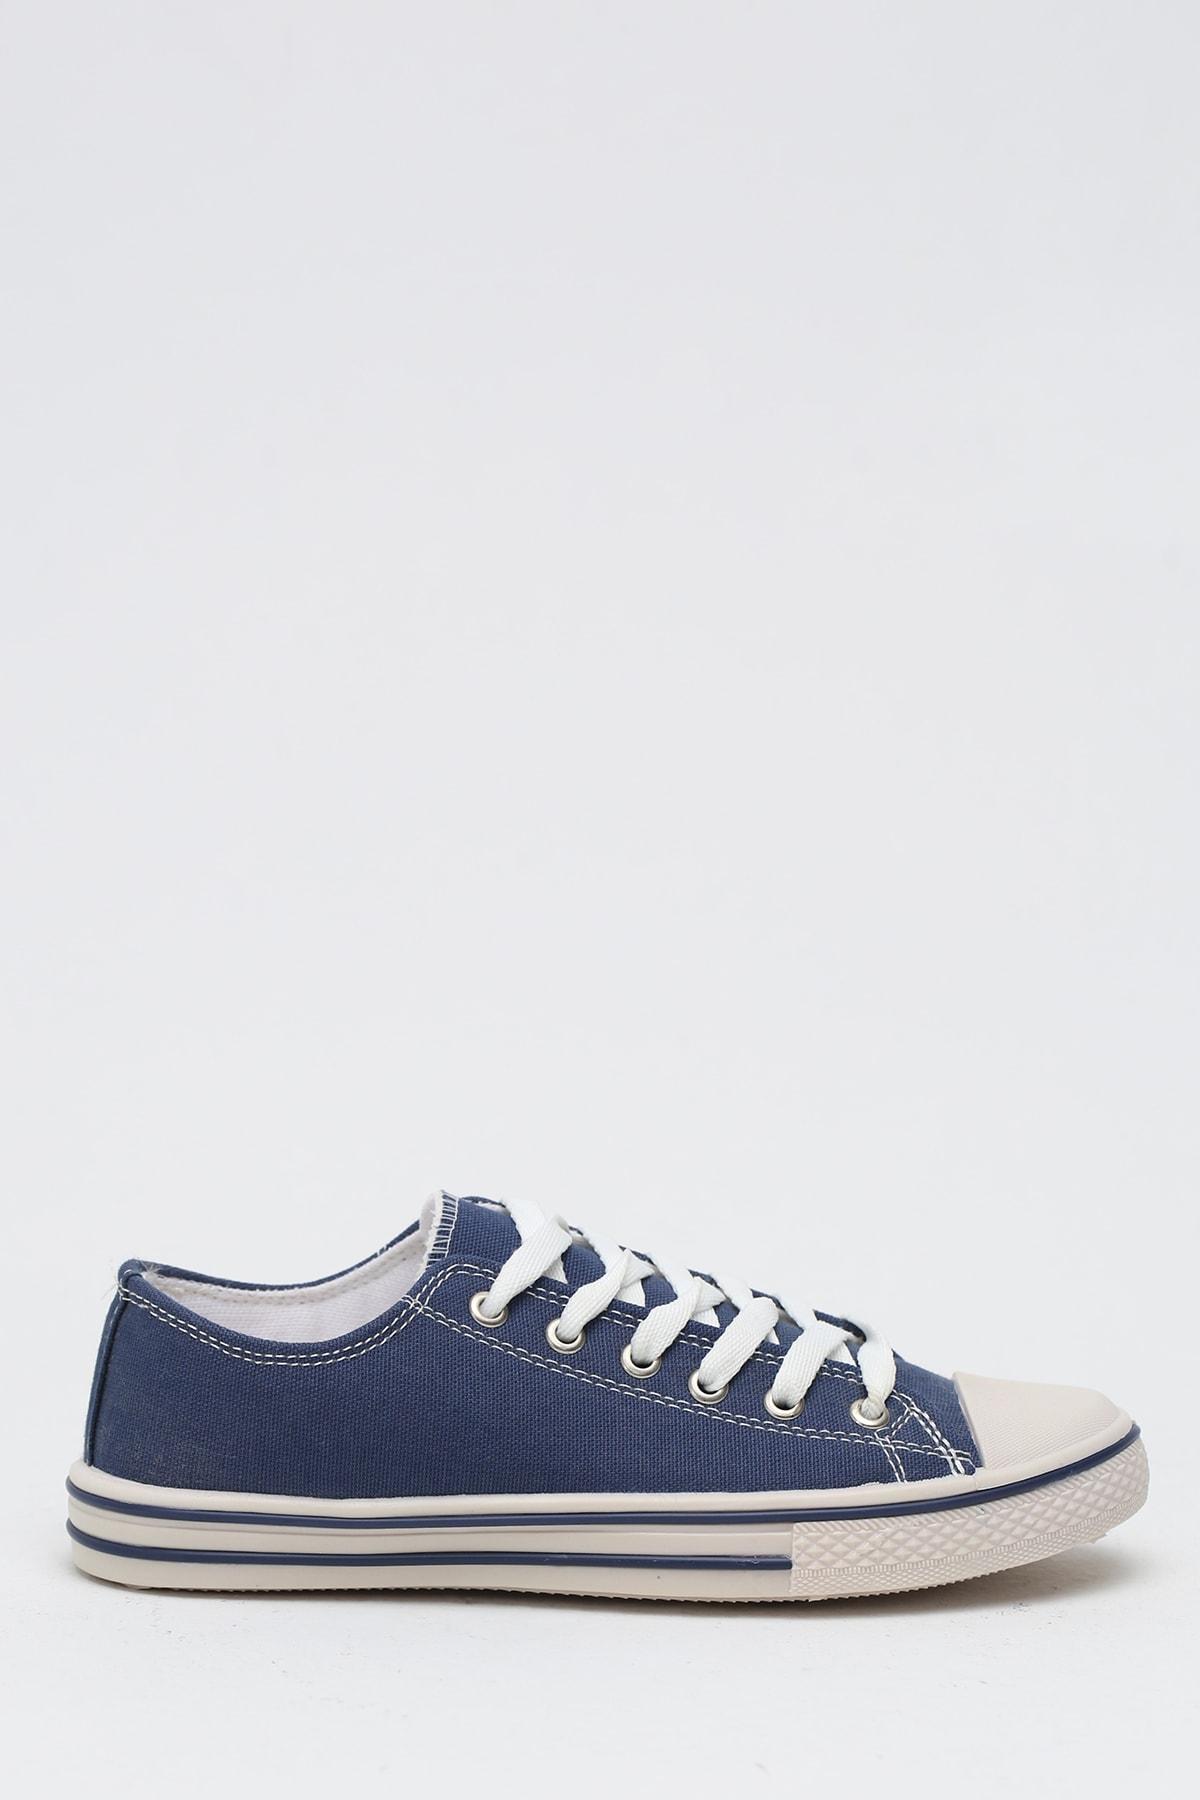 Ayakkabı Modası K.Lacivert Kadın Ayakkabı M9999-19-100165R 1